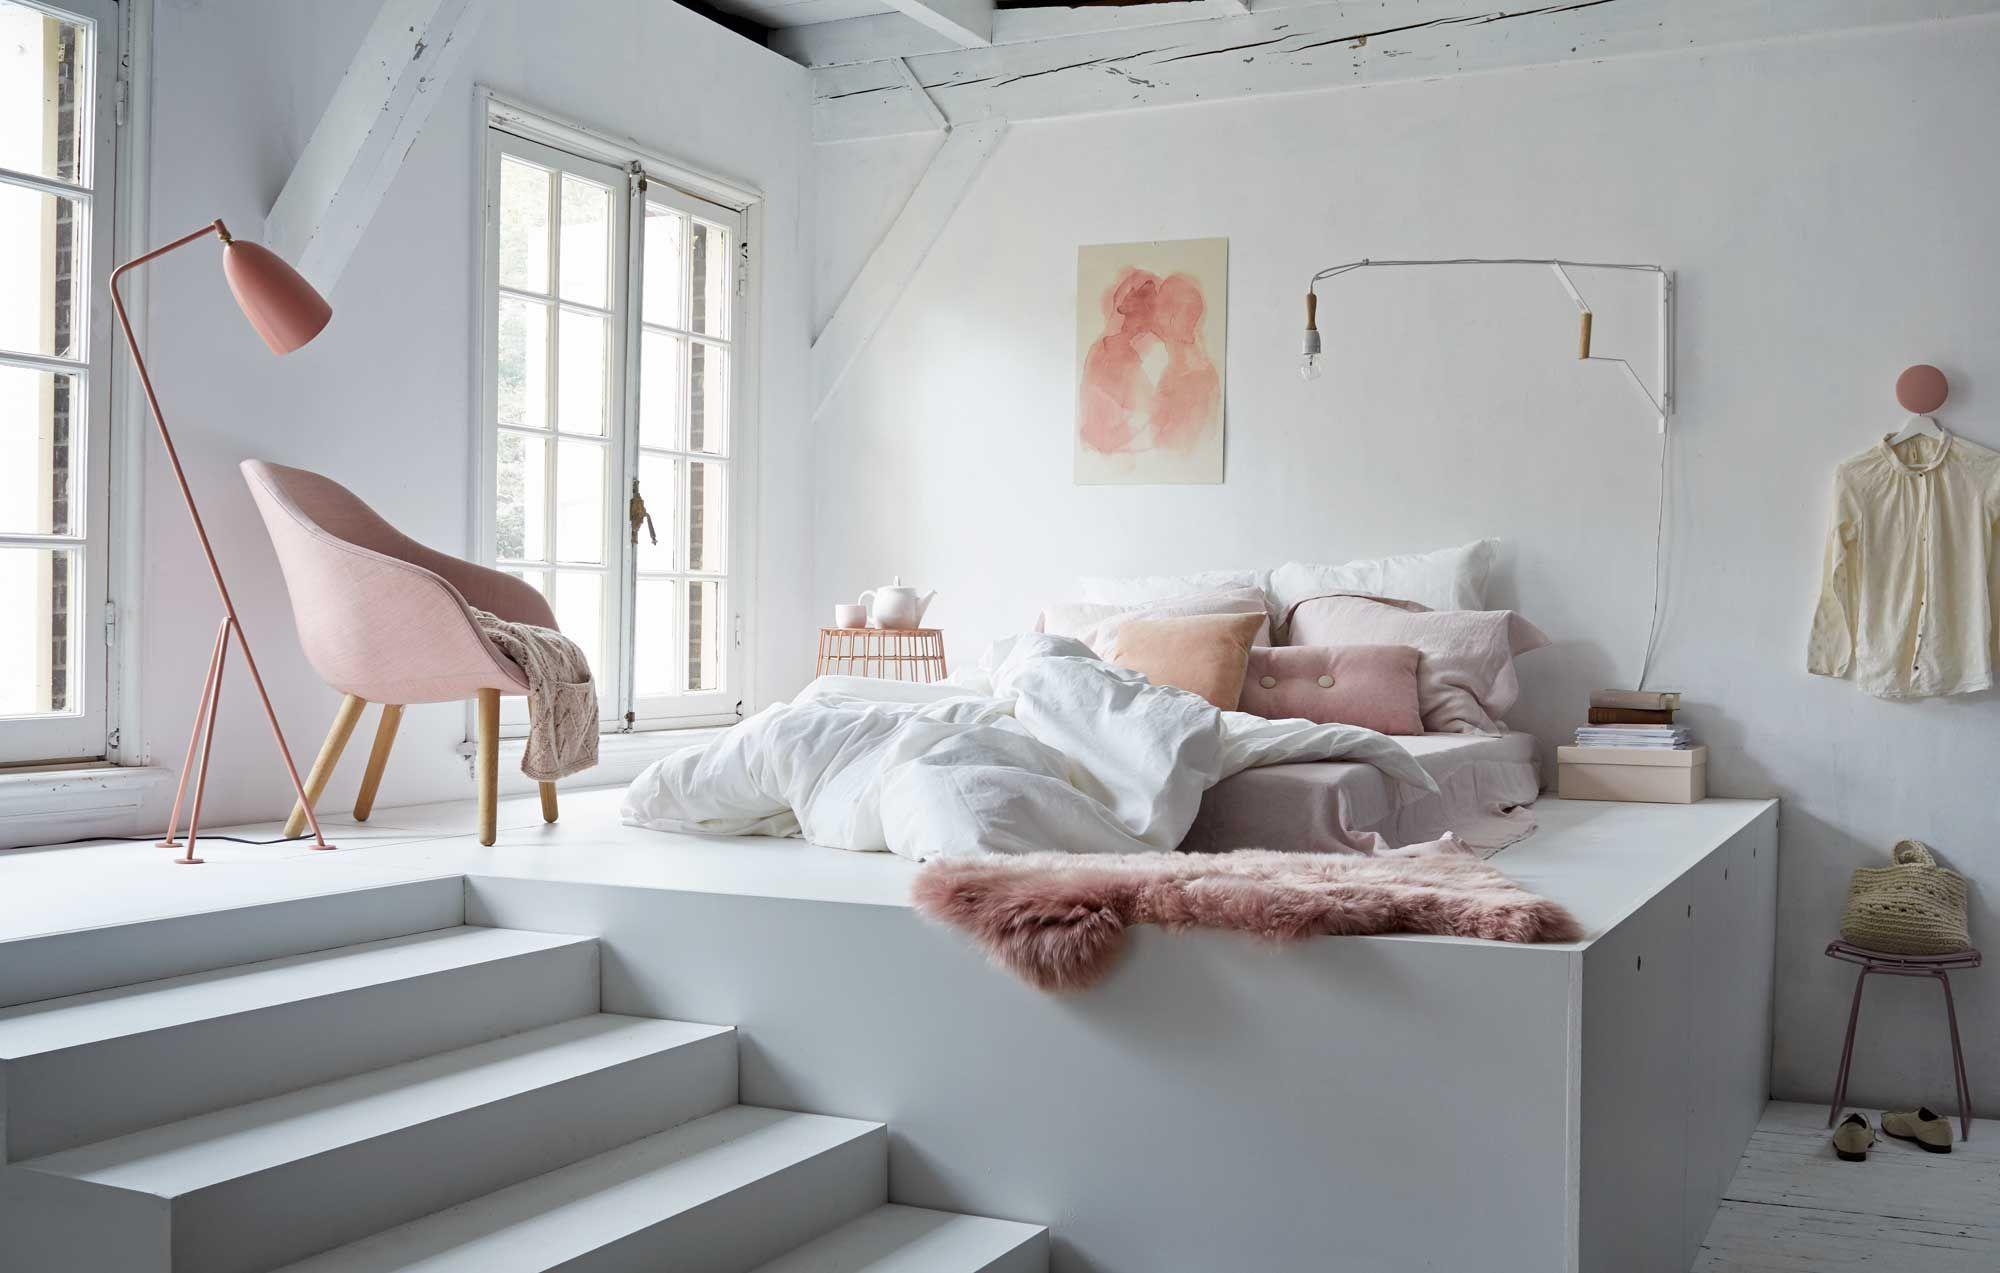 wohnideen schlafzimmer wandfarben, im schlafzimmer ein podest. #kolorat #wohnideen #möbel #interior, Design ideen